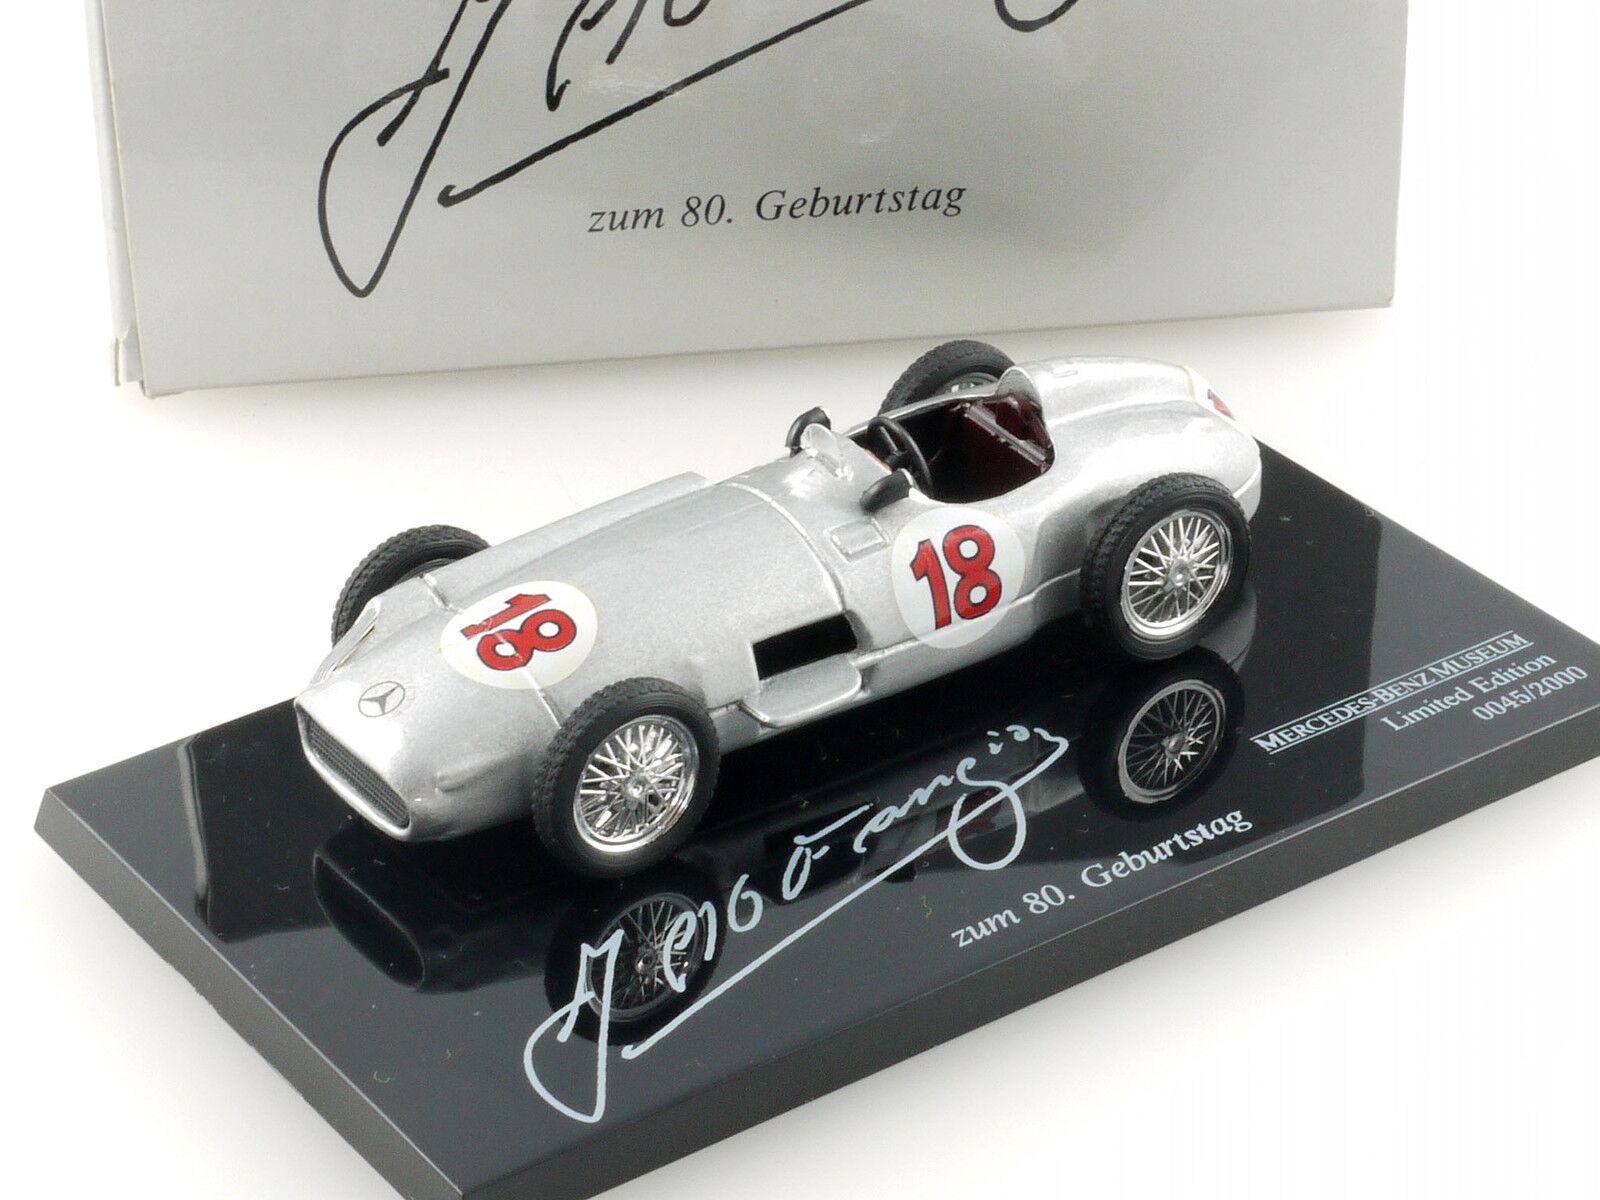 Pfuit Mercedes MB W 196 J.M. FANGIO au 80. anniversaire limitée neuf dans sa boîte 1411-14-33